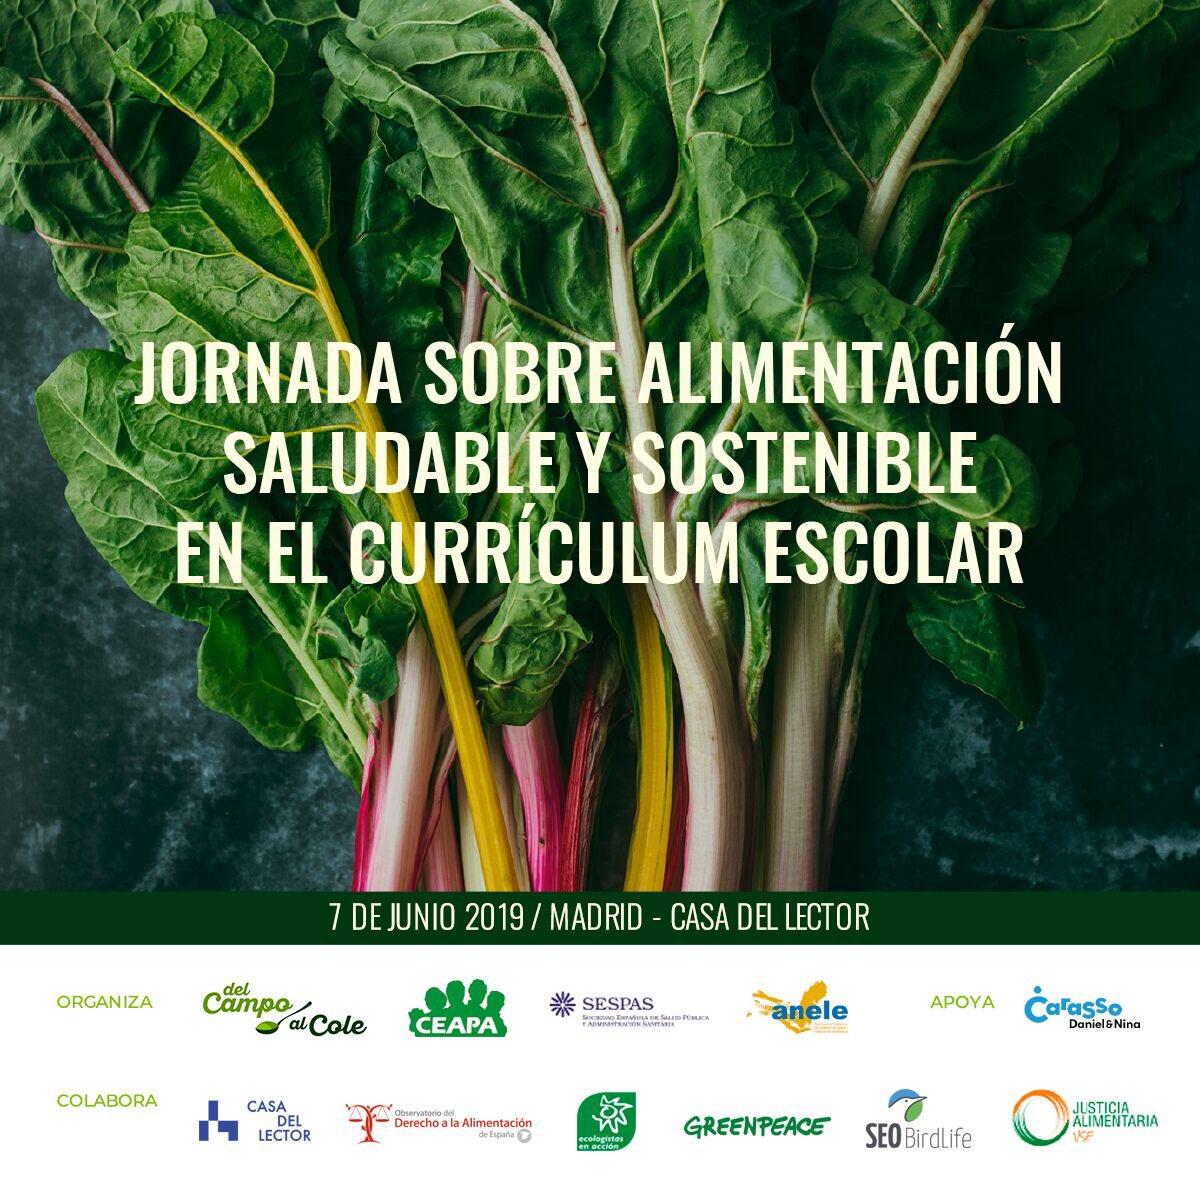 """Arranca la jornada sobre alimentación saludable y sostenible en el currículo escolar.  Elena de Luís, del Observatorio del derecho a la alimentación:  """"Garantizar la alimentación nutritiva, sostenible, accesible es transversal a todos los derechos humanos"""".  #AlimentatuFututo"""